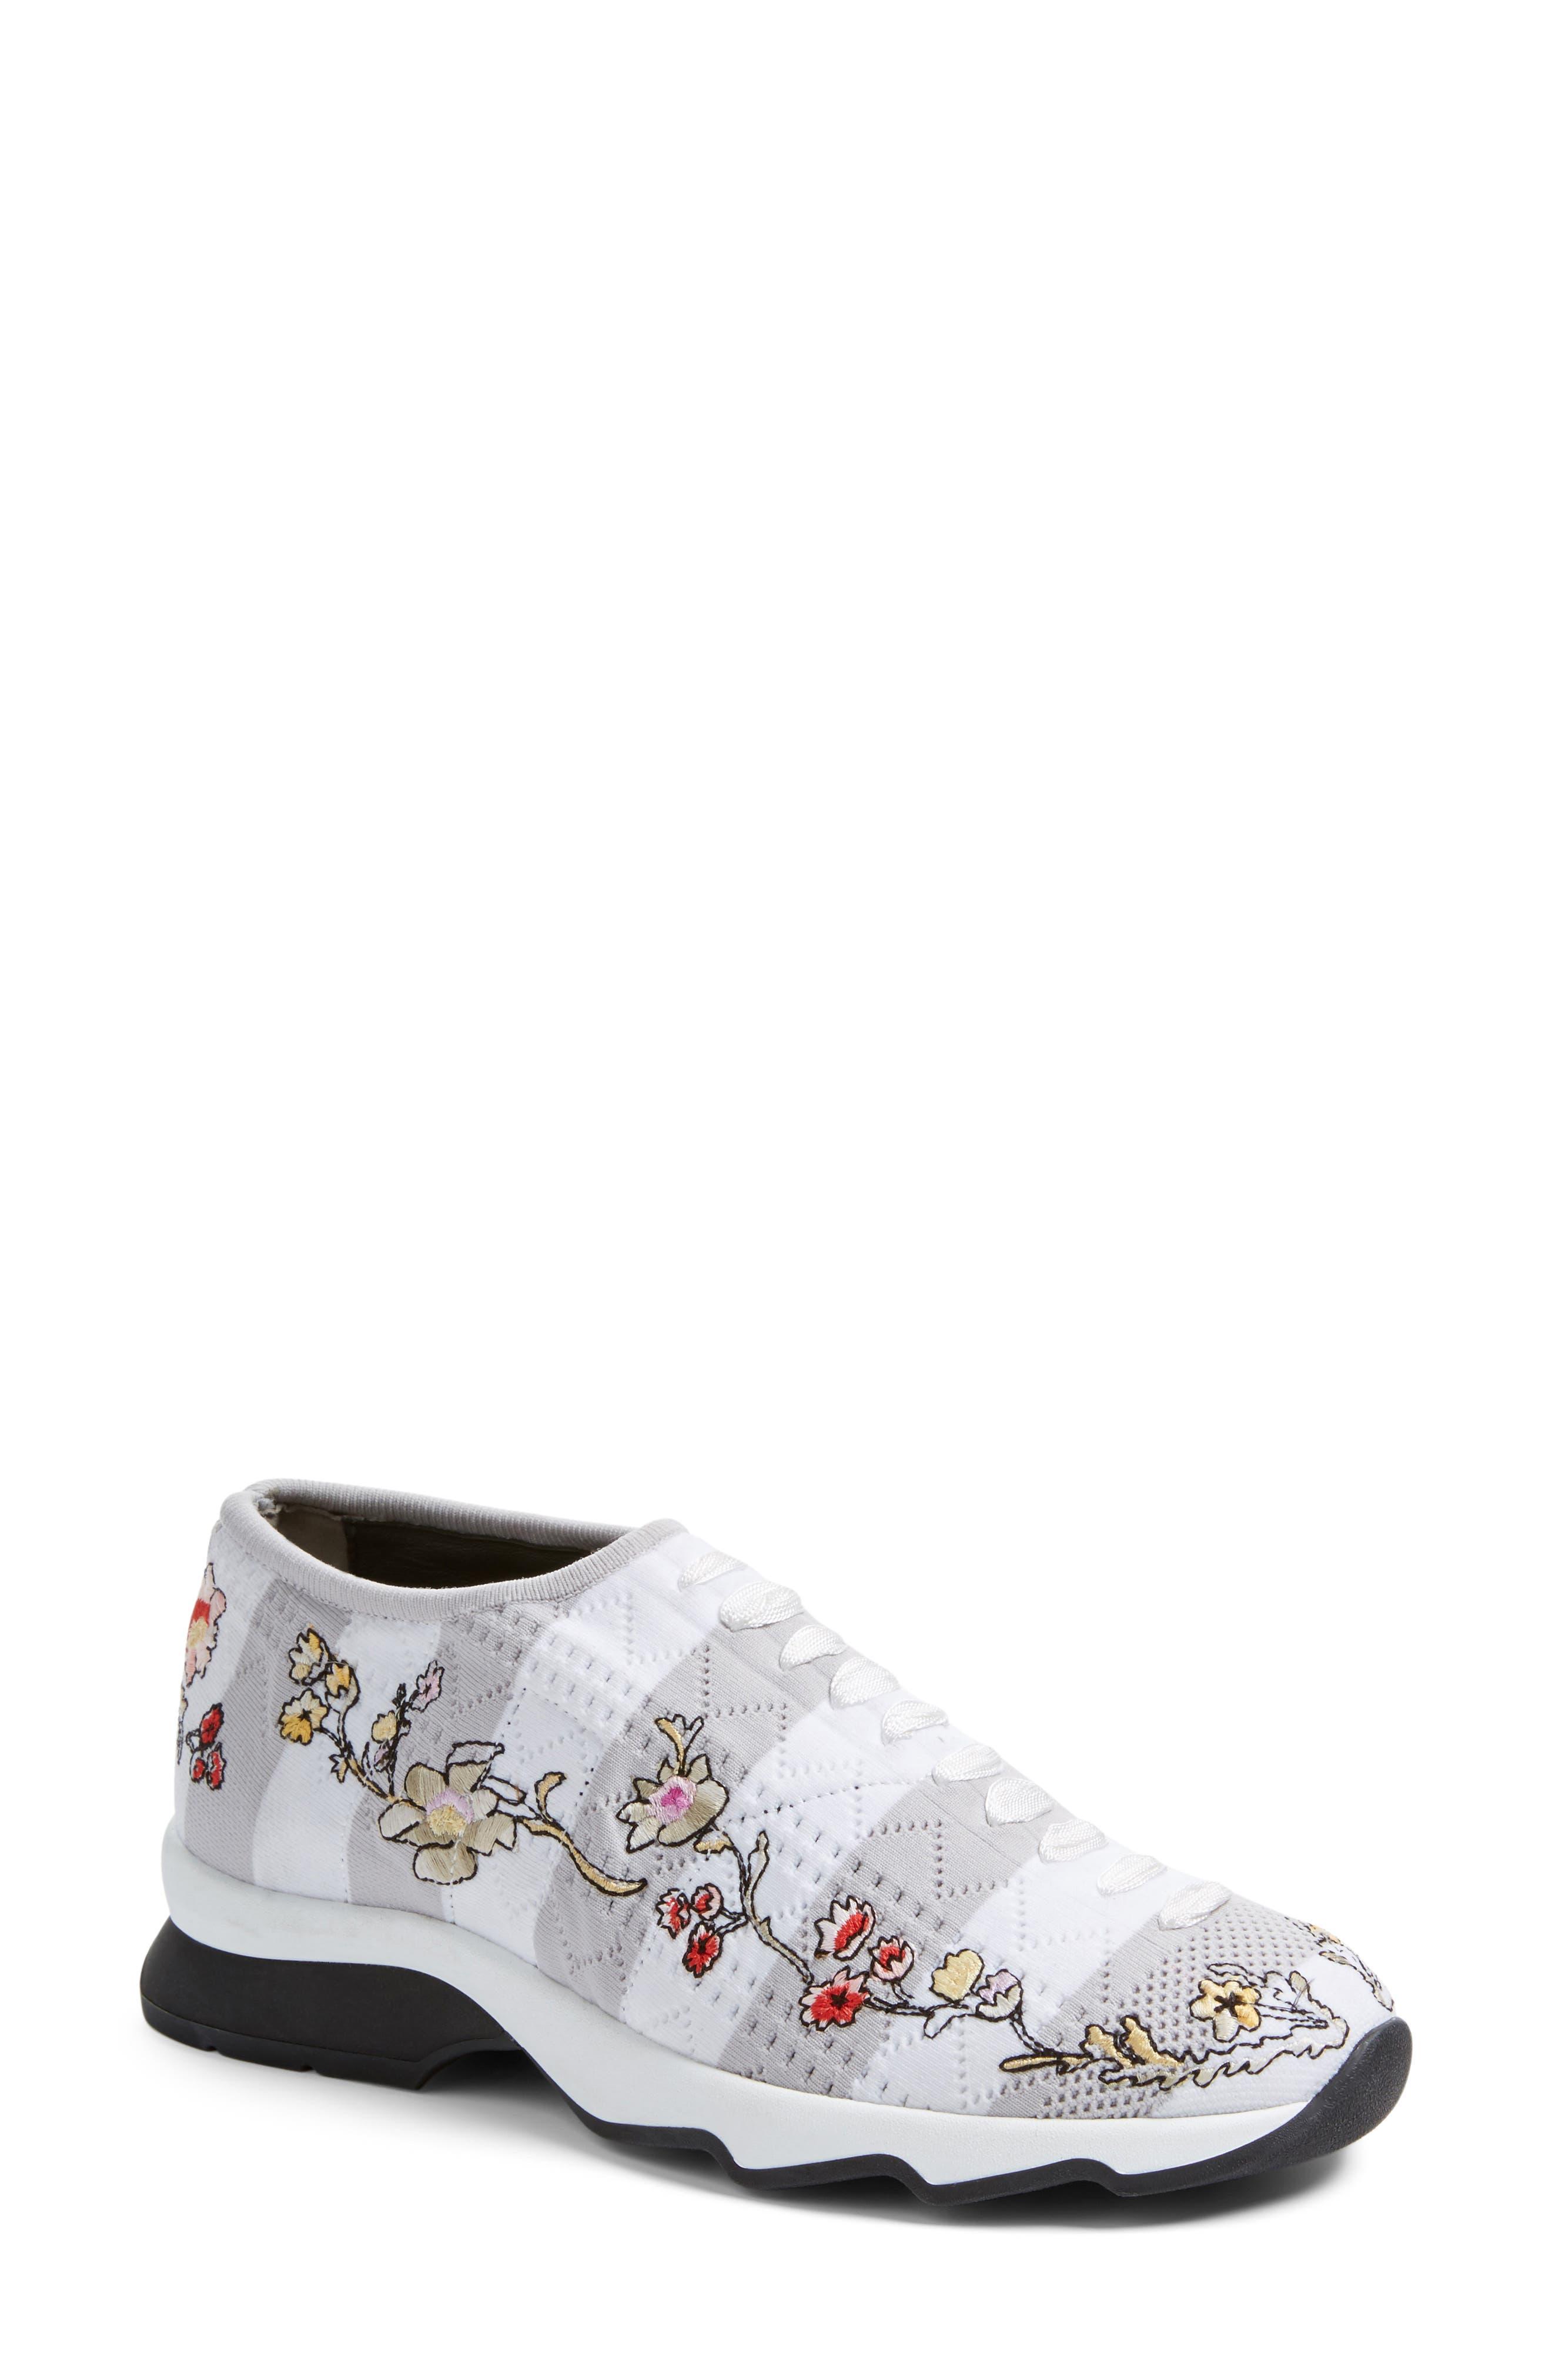 Main Image - Fendi Marie Antoinette Sneaker (Women)